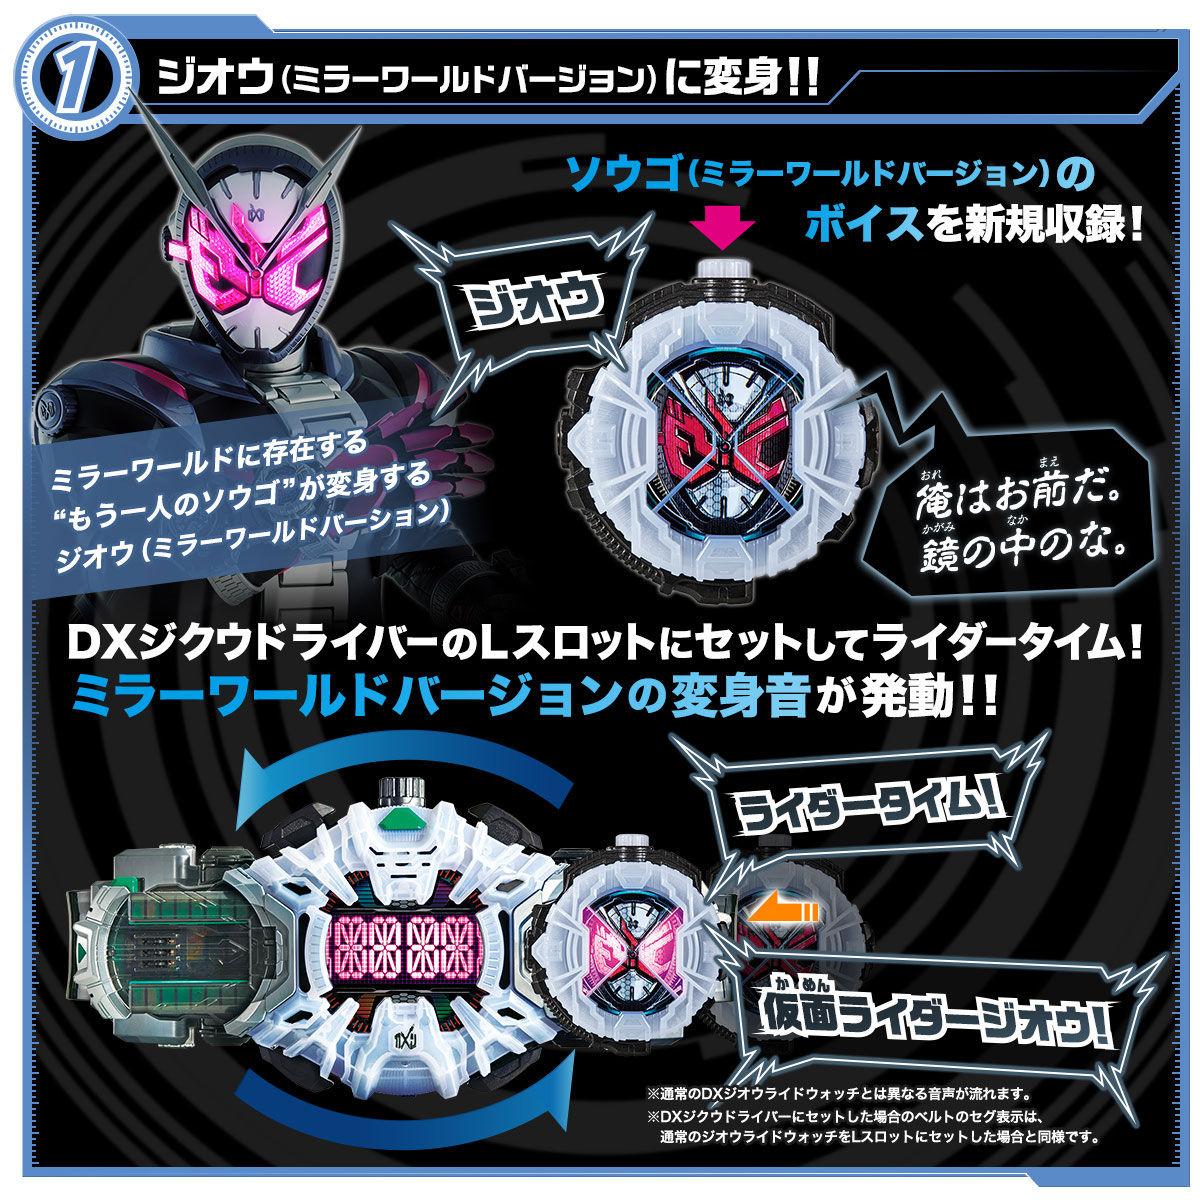 仮面ライダージオウ『DXミラーワールドウォッチセット』変身なりきり-002